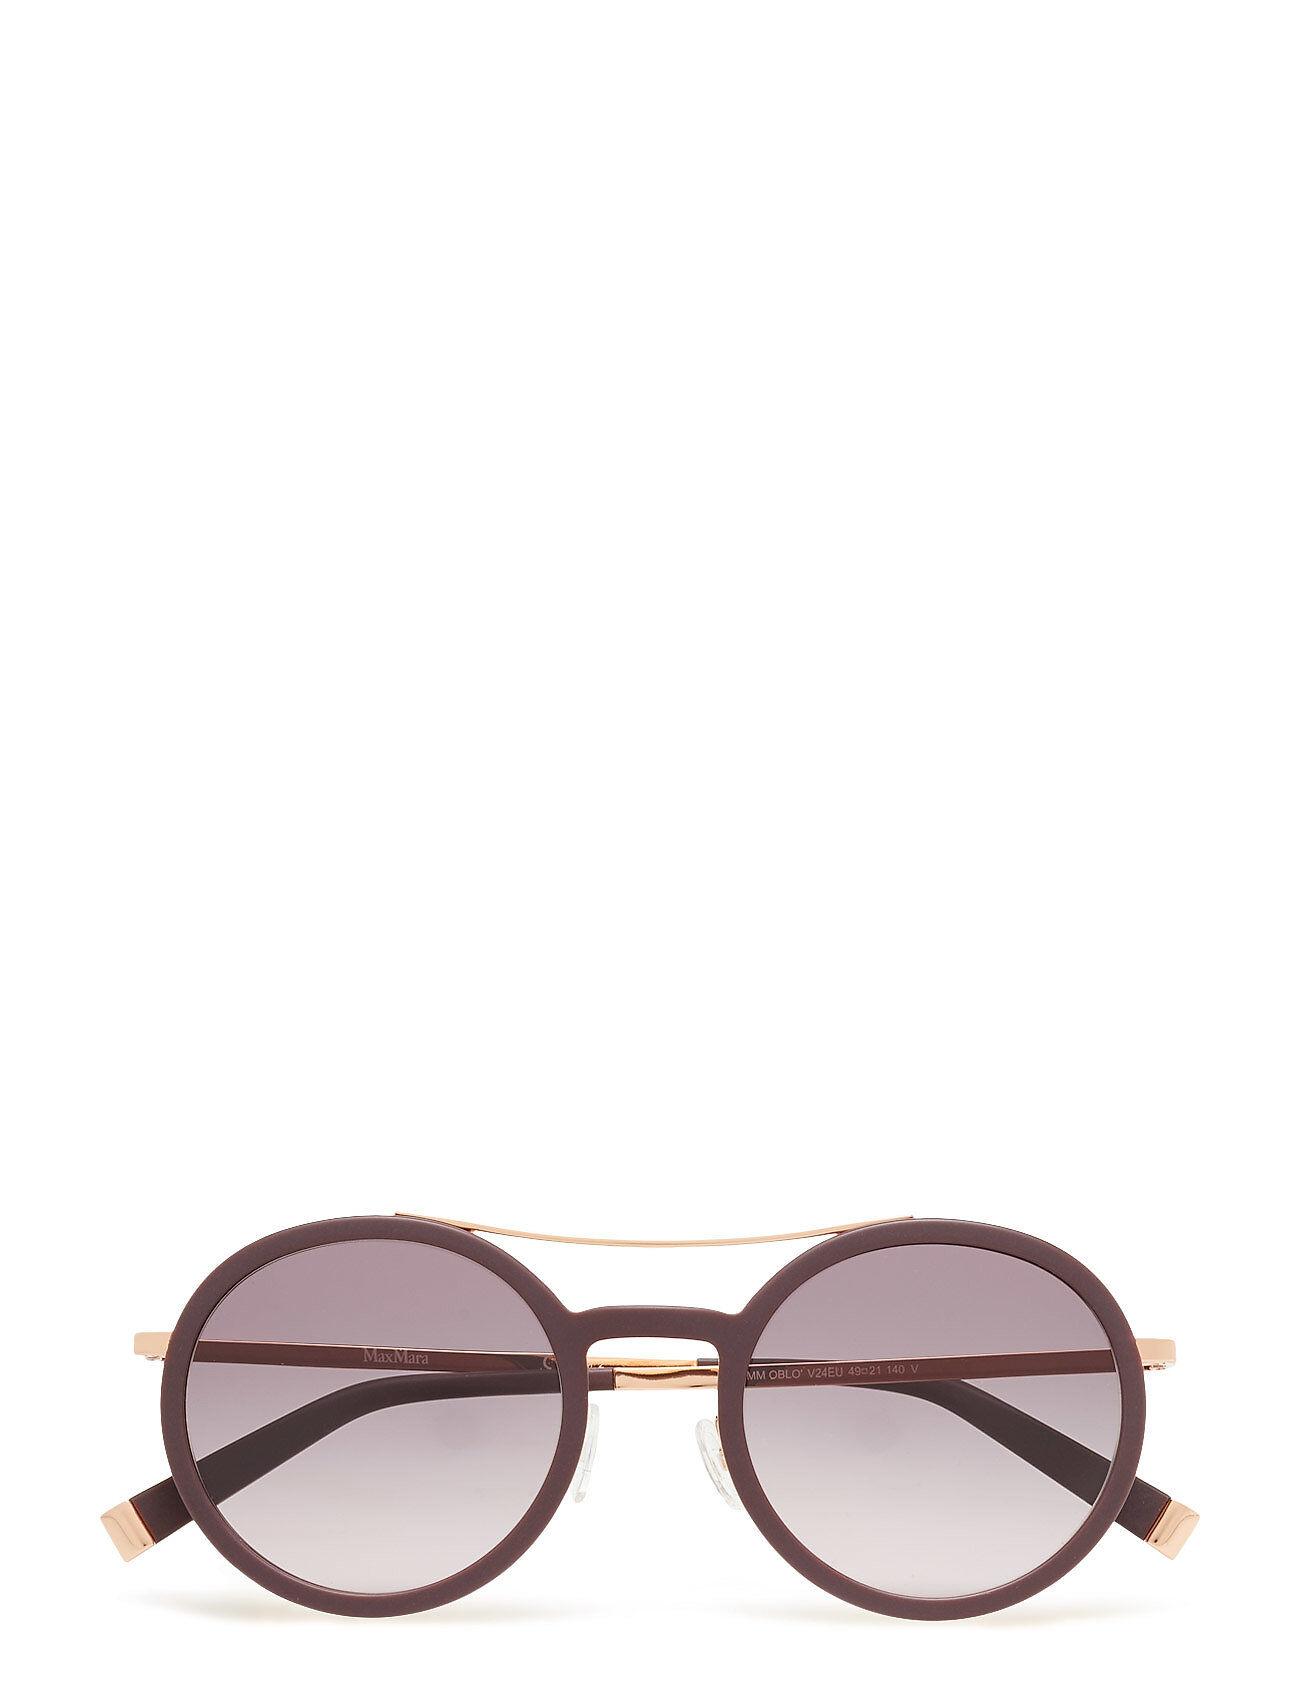 MAXMARA Sunglasses Mm Oblo